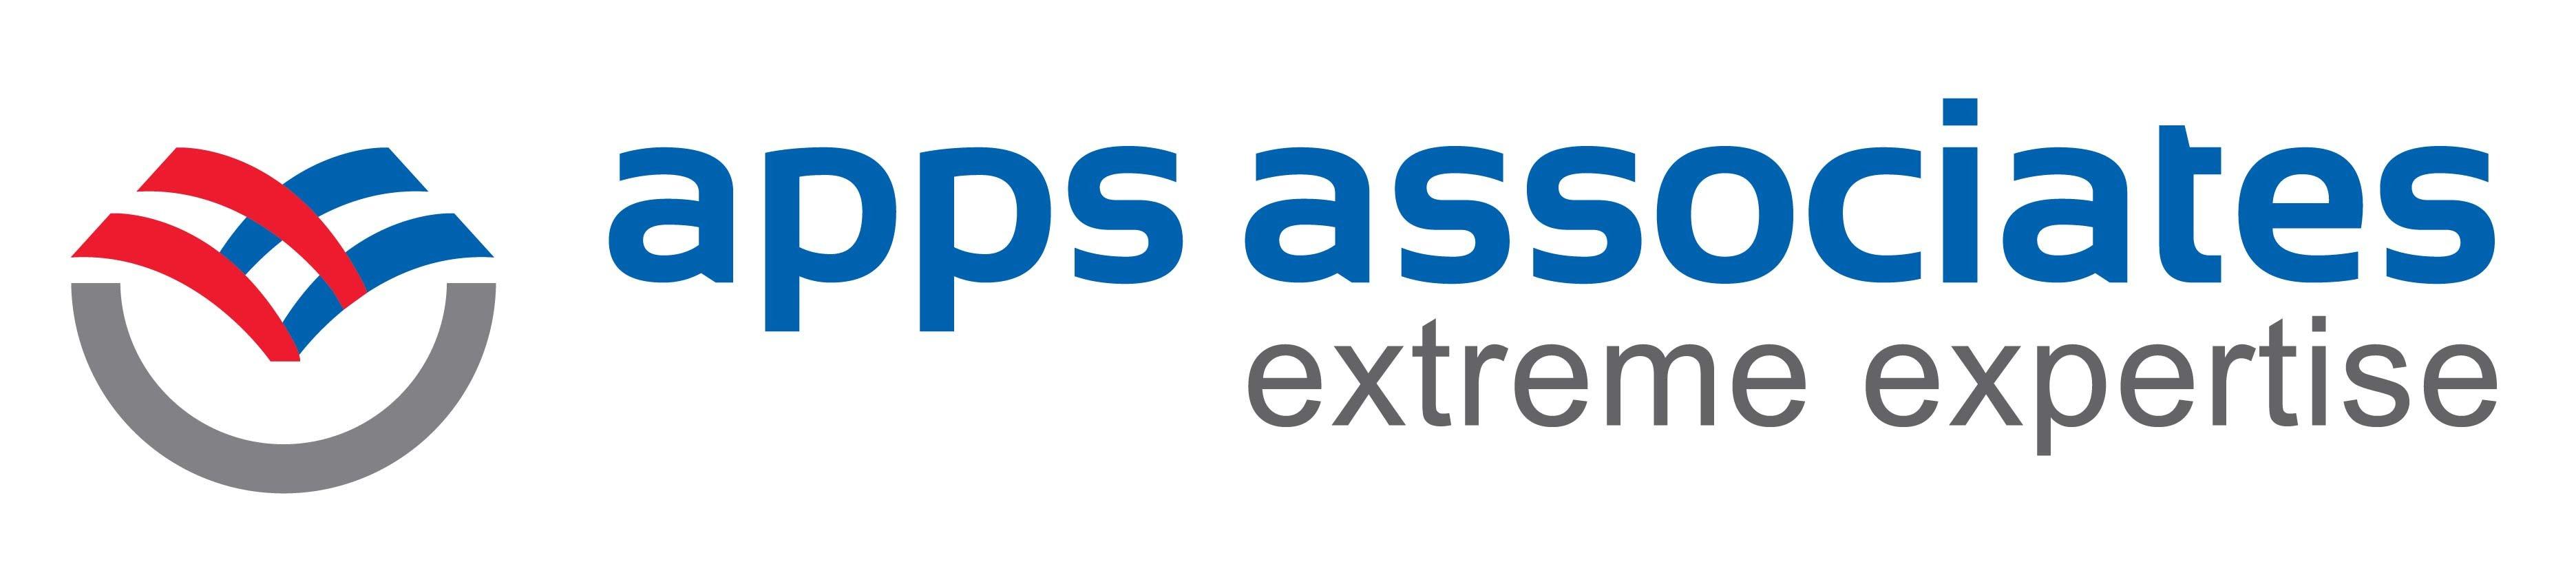 Skuid and Apps Associates